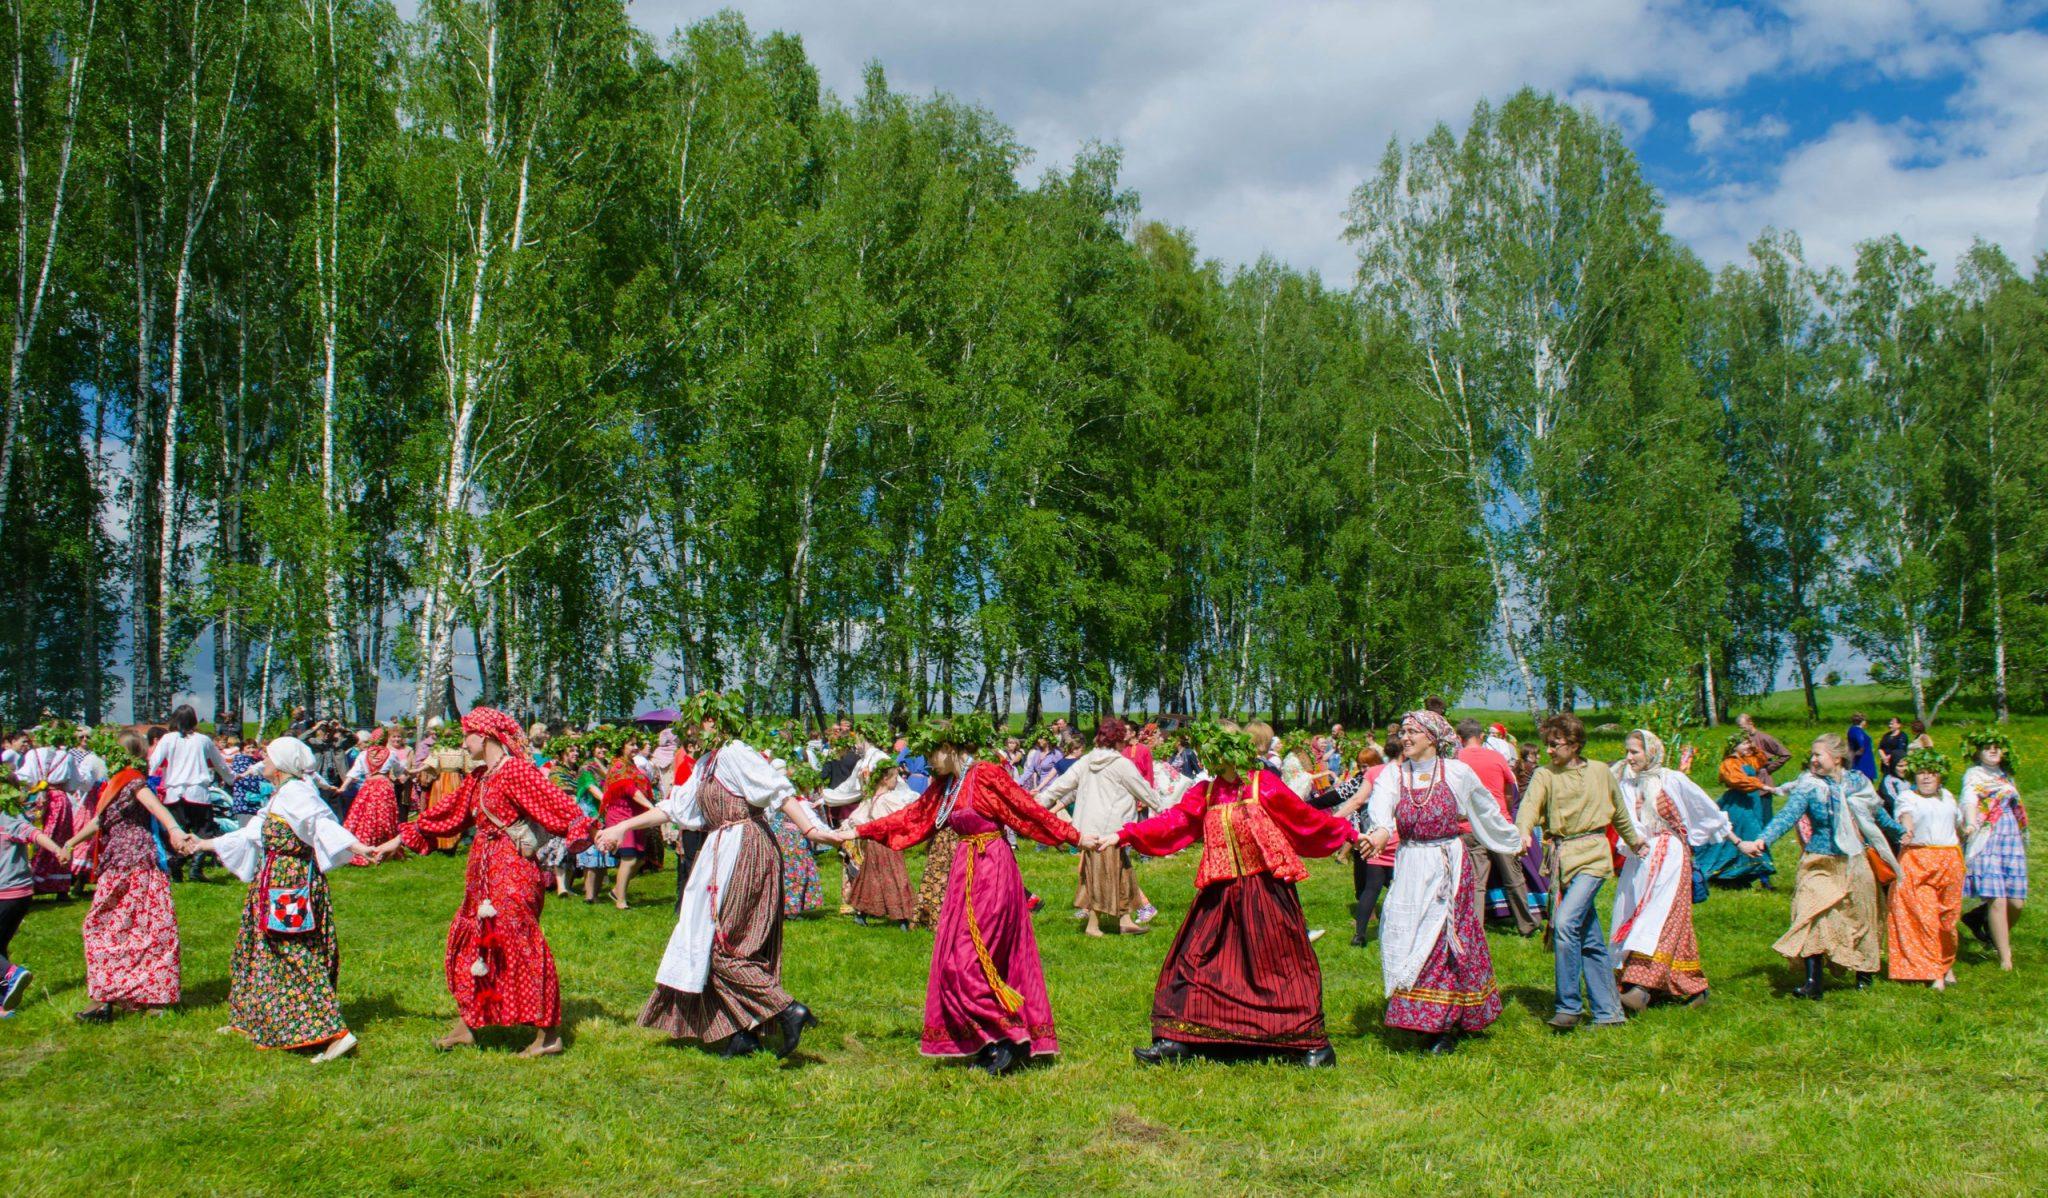 народные праздники фото картинки очаровательные